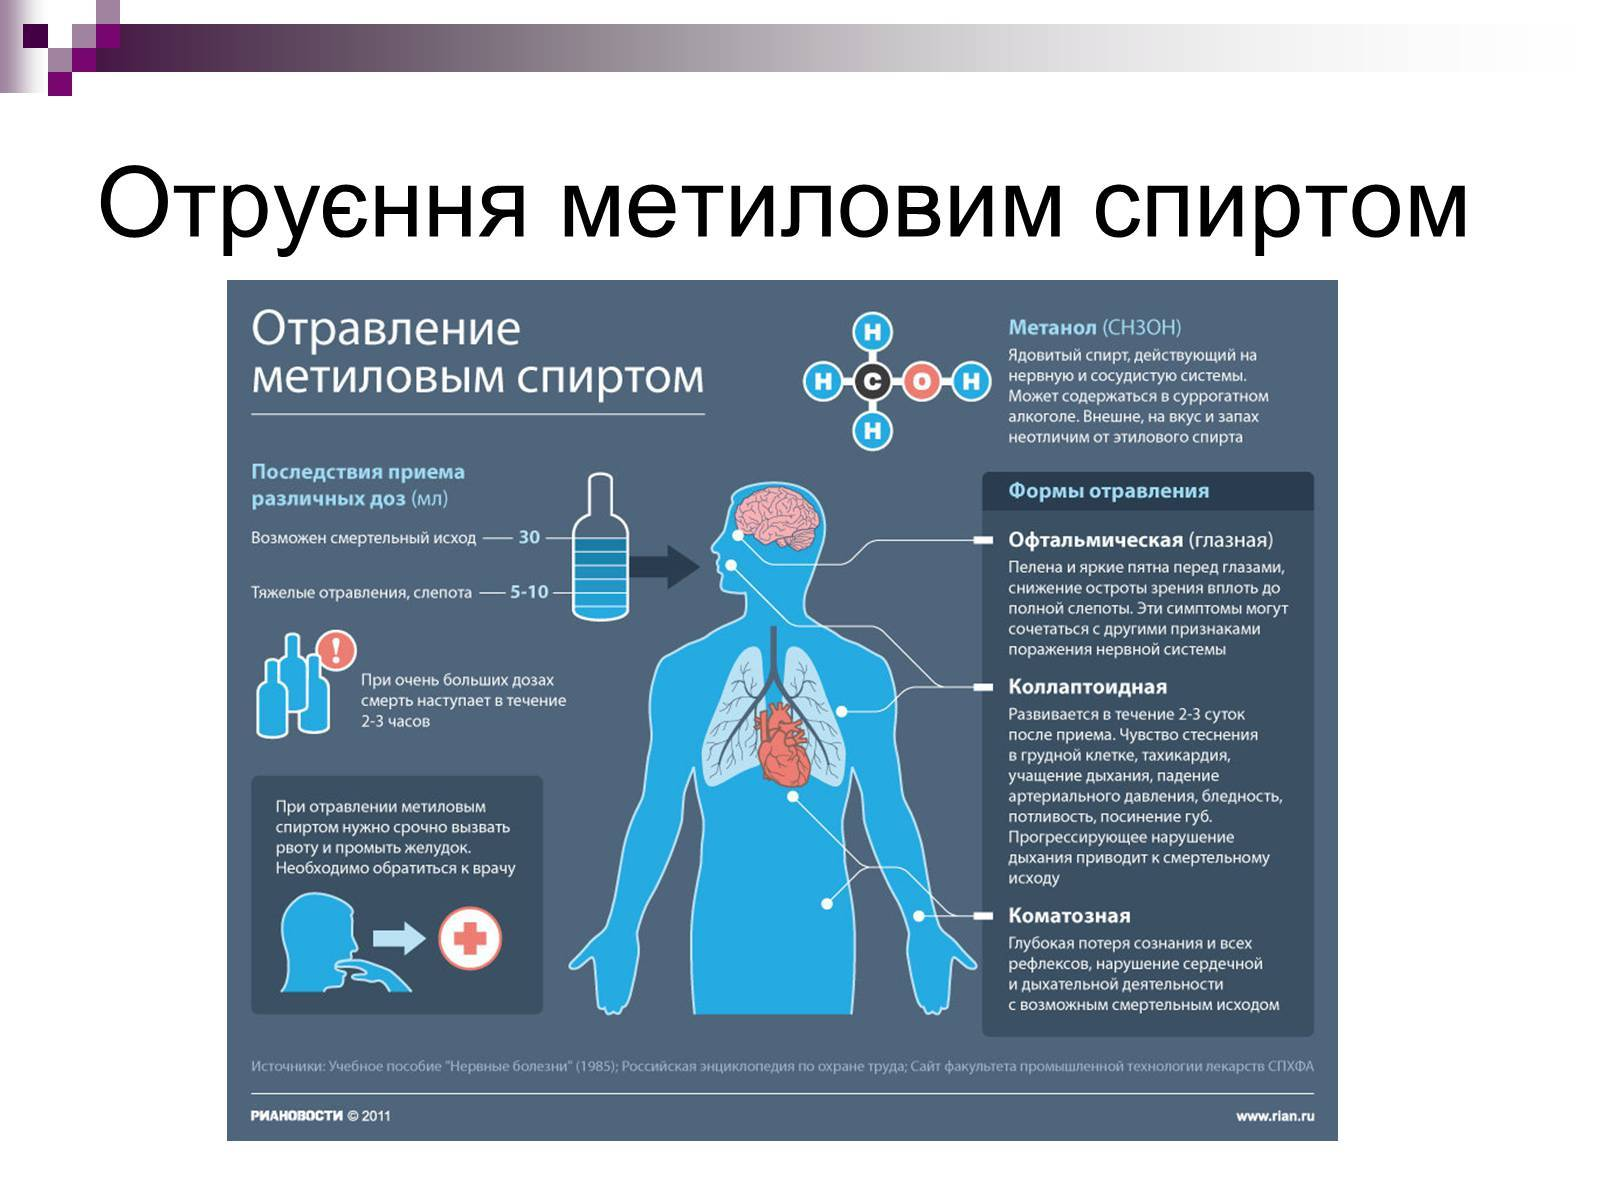 Метиловый спирт: как отличить от этилового в домашних условиях, можно ли ослепнуть от метанола